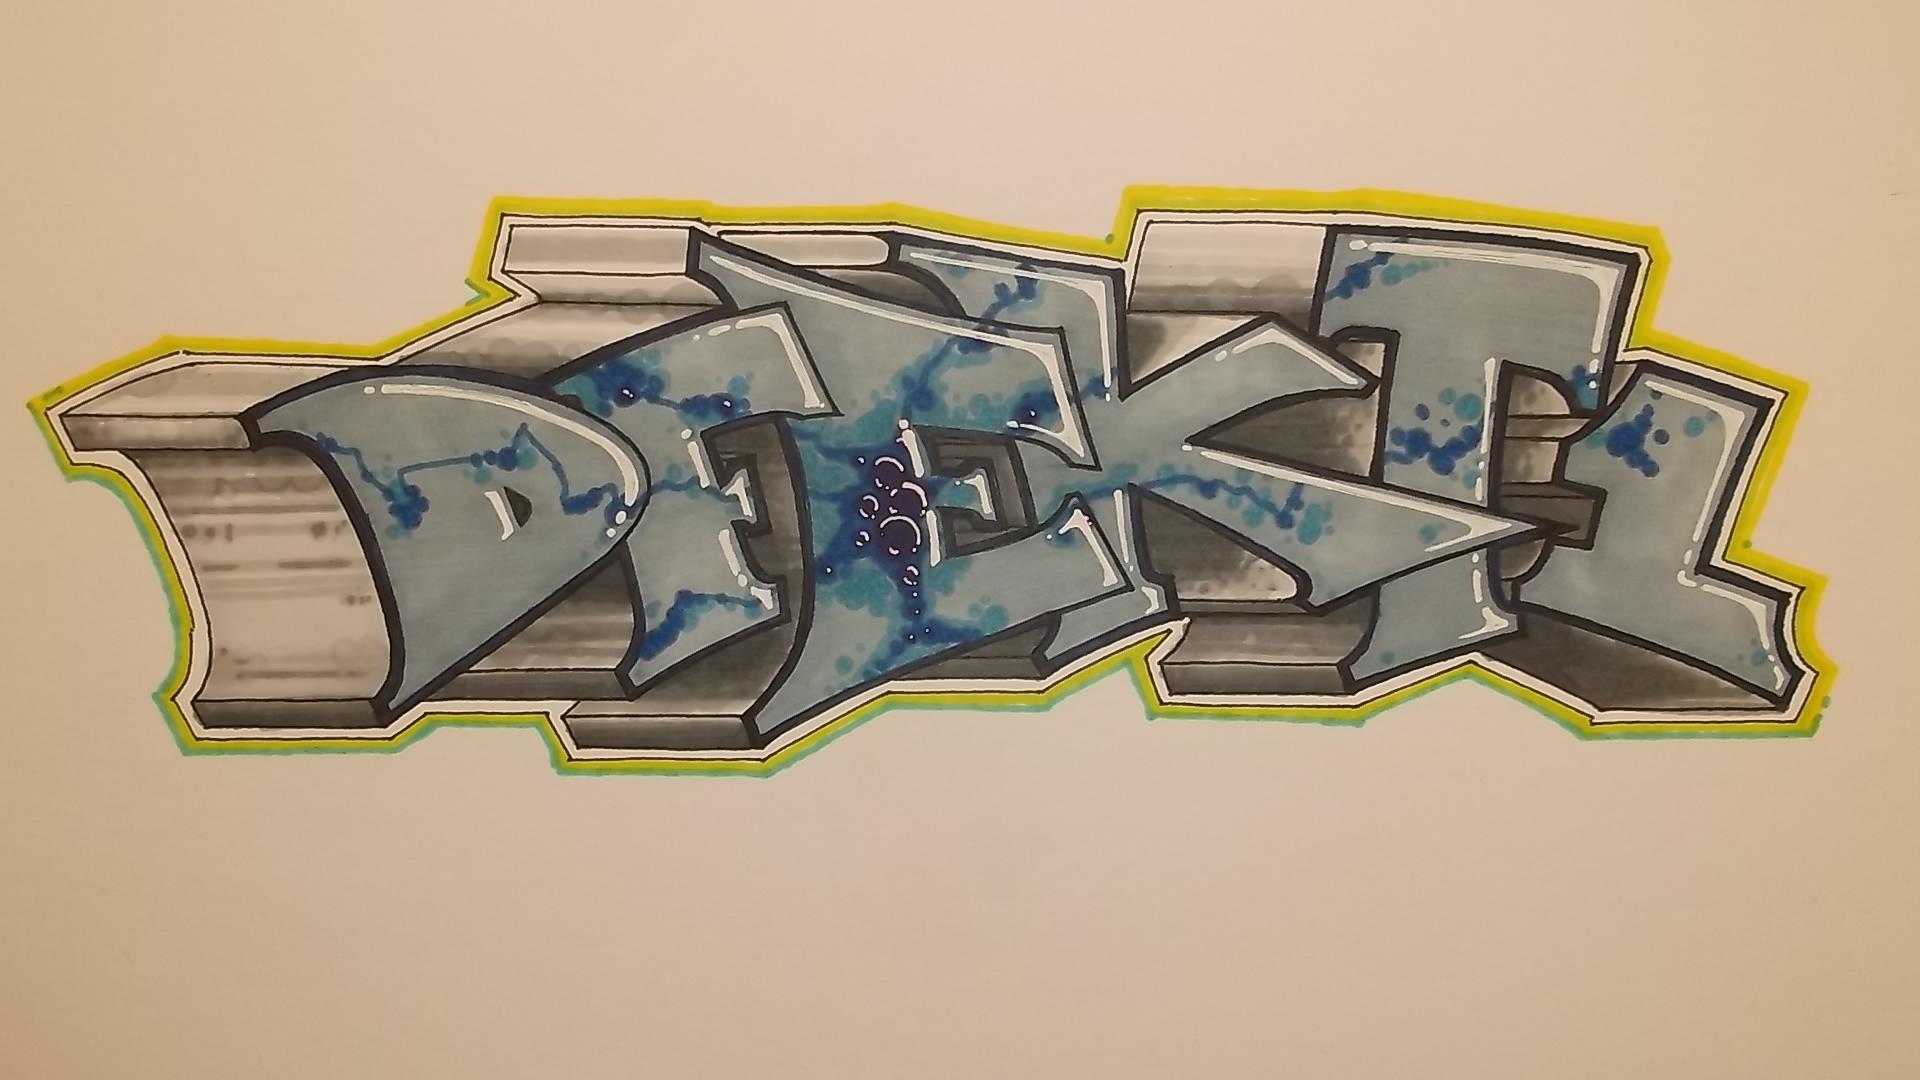 DSCF0203.JPG